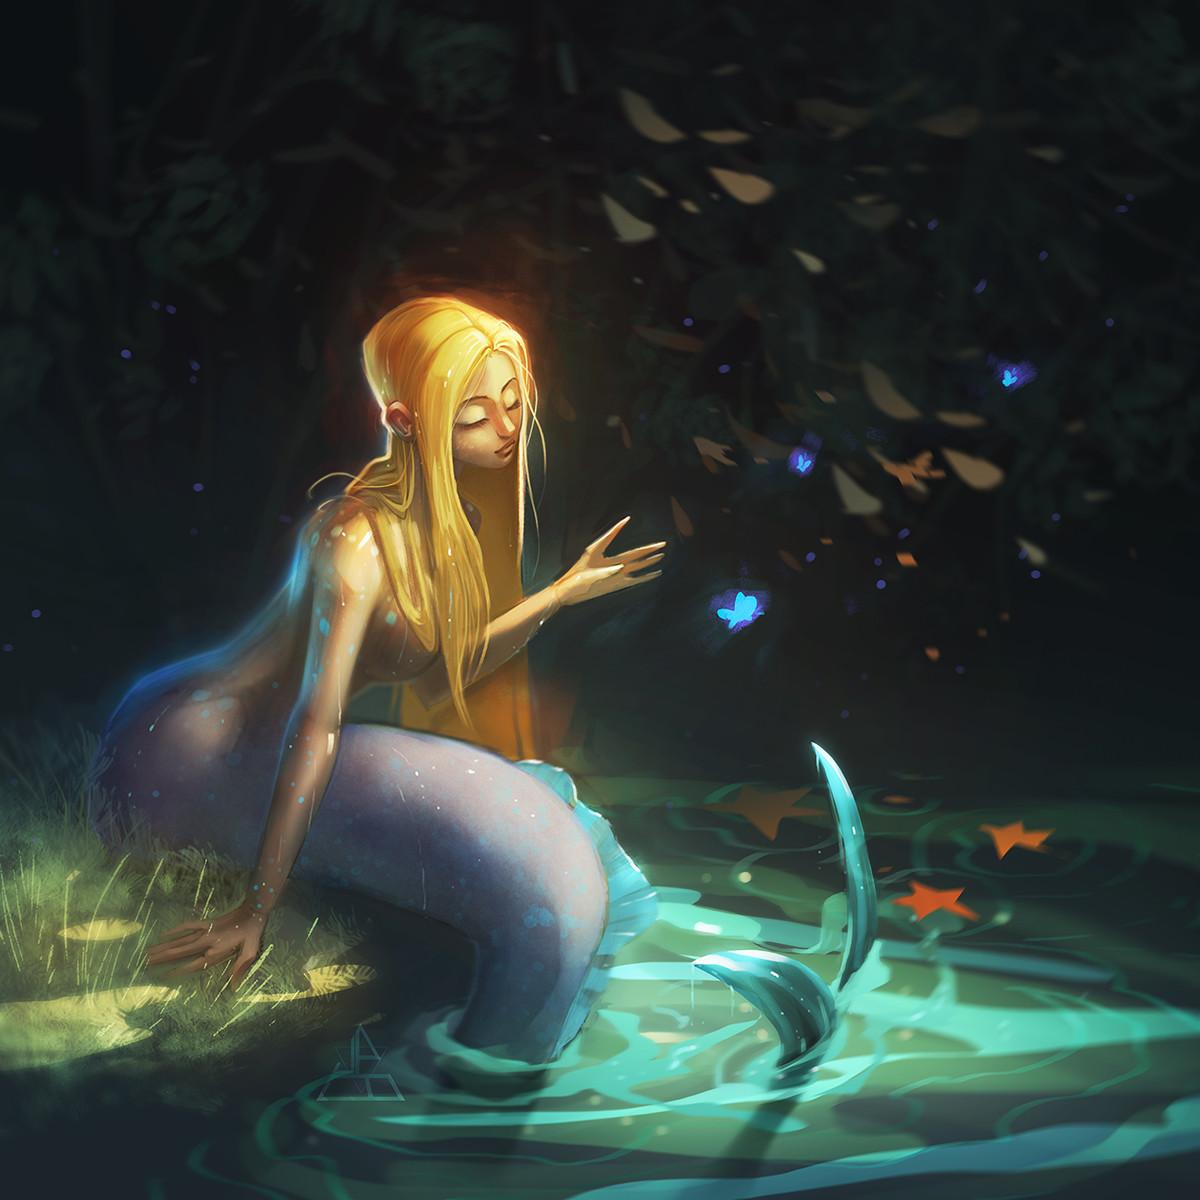 James brouwer mermaid butterflies